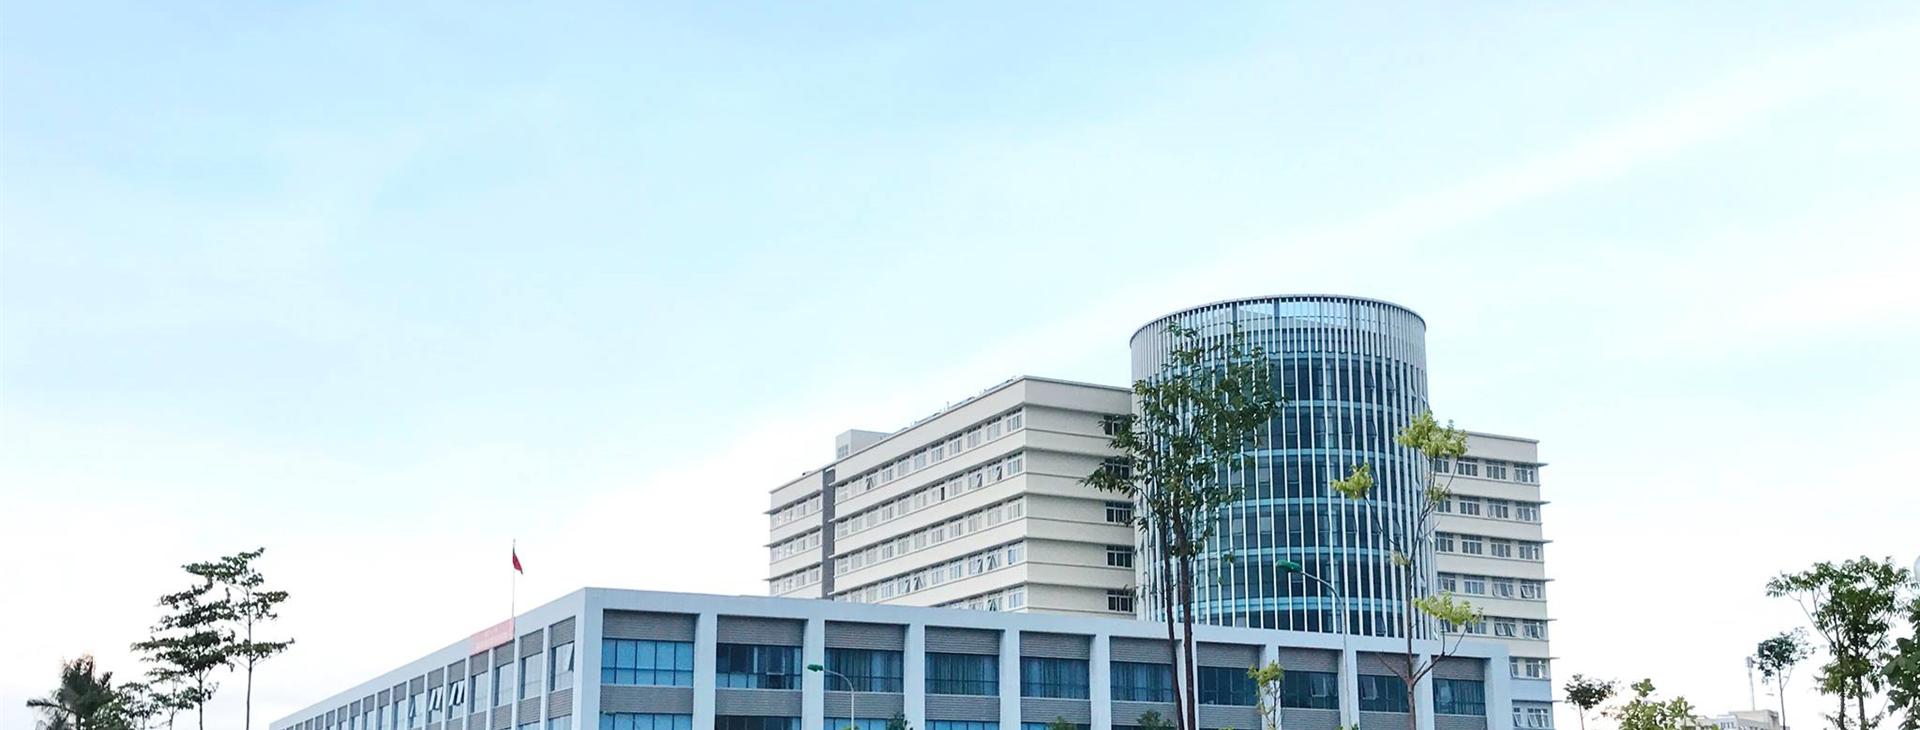 Dự án xây dựng bệnh viện nhiệt đới trung ương